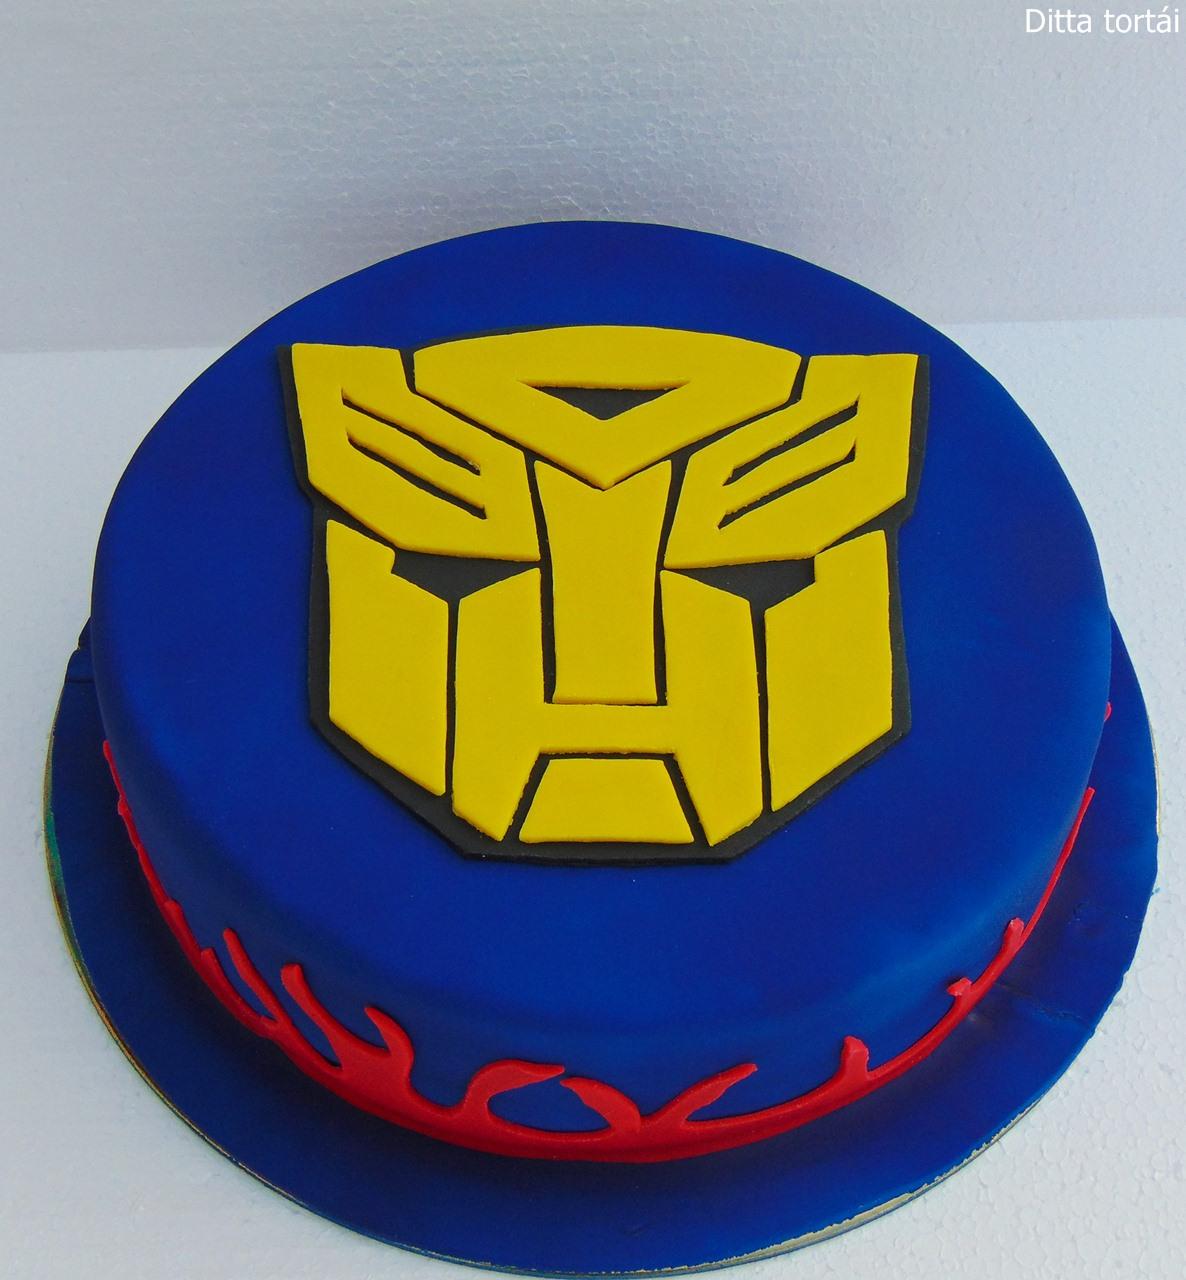 transformers torta képek Transformers torta   GasztroBlogok.hu transformers torta képek